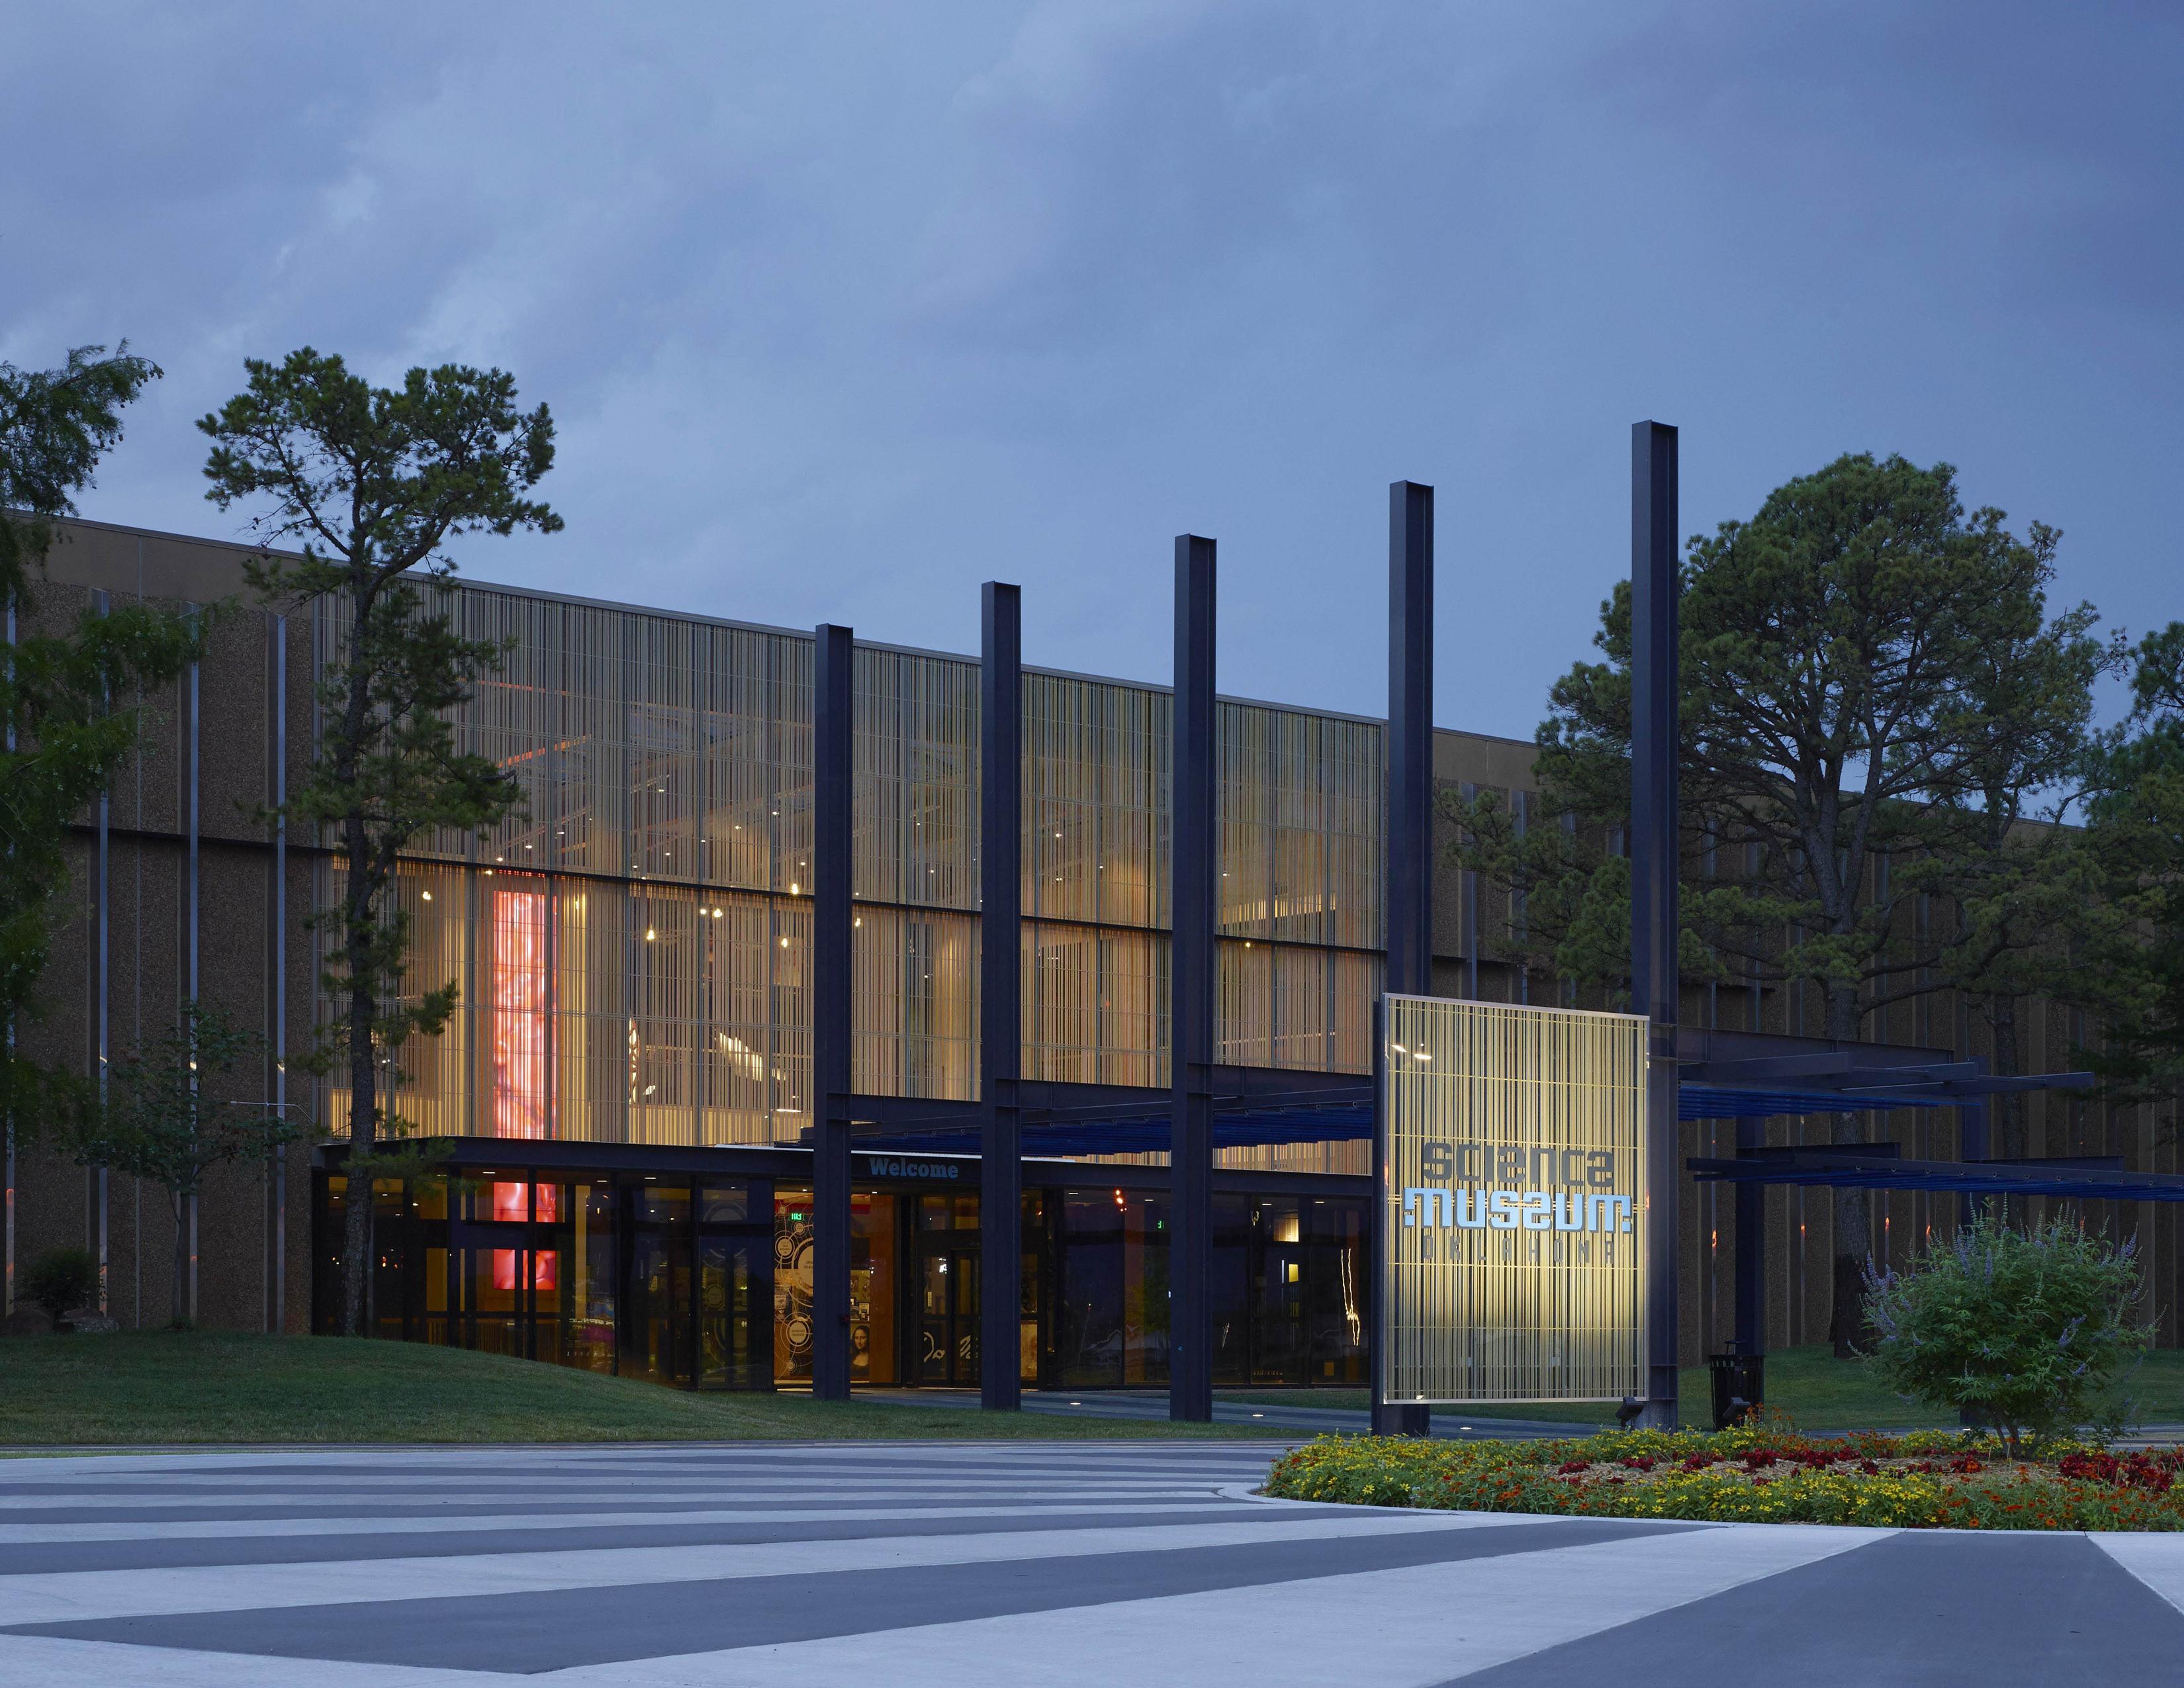 Oklahoma Science Museum